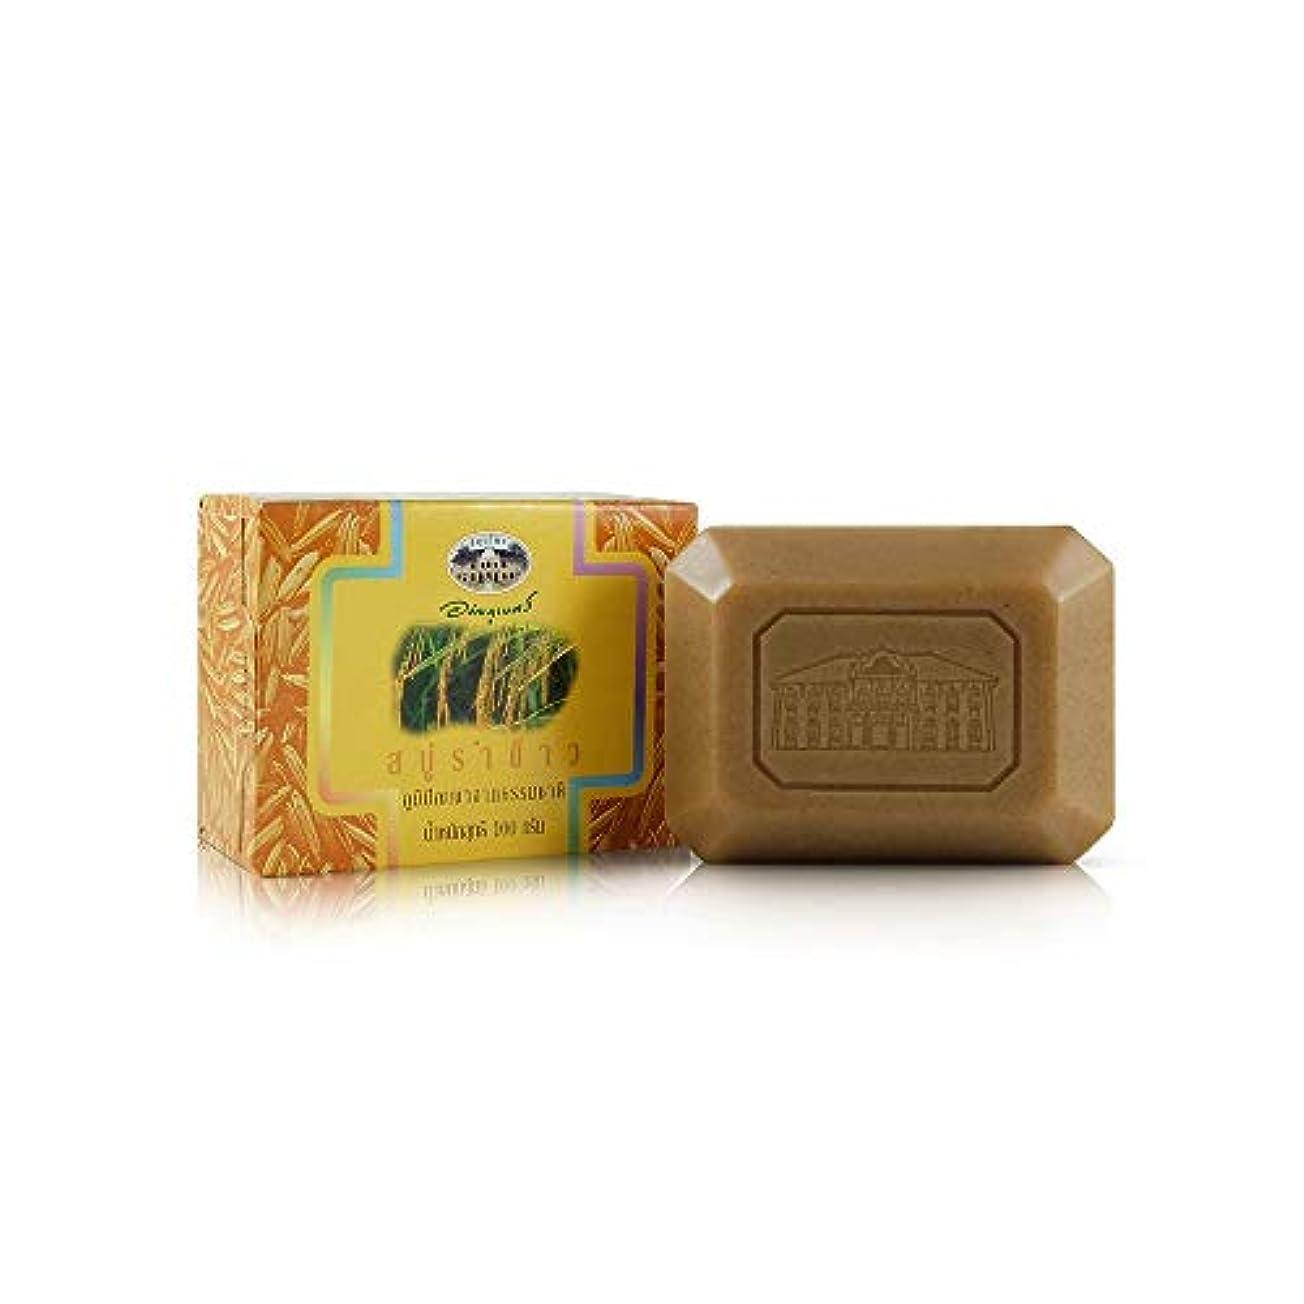 侵入船乗りシニスAbhaibhubejhr Rice Bran Herbal Body Cleansing Soap 100g. Abhaibhubejhrライスブランハーブボディクレンジングソープ100グラム。